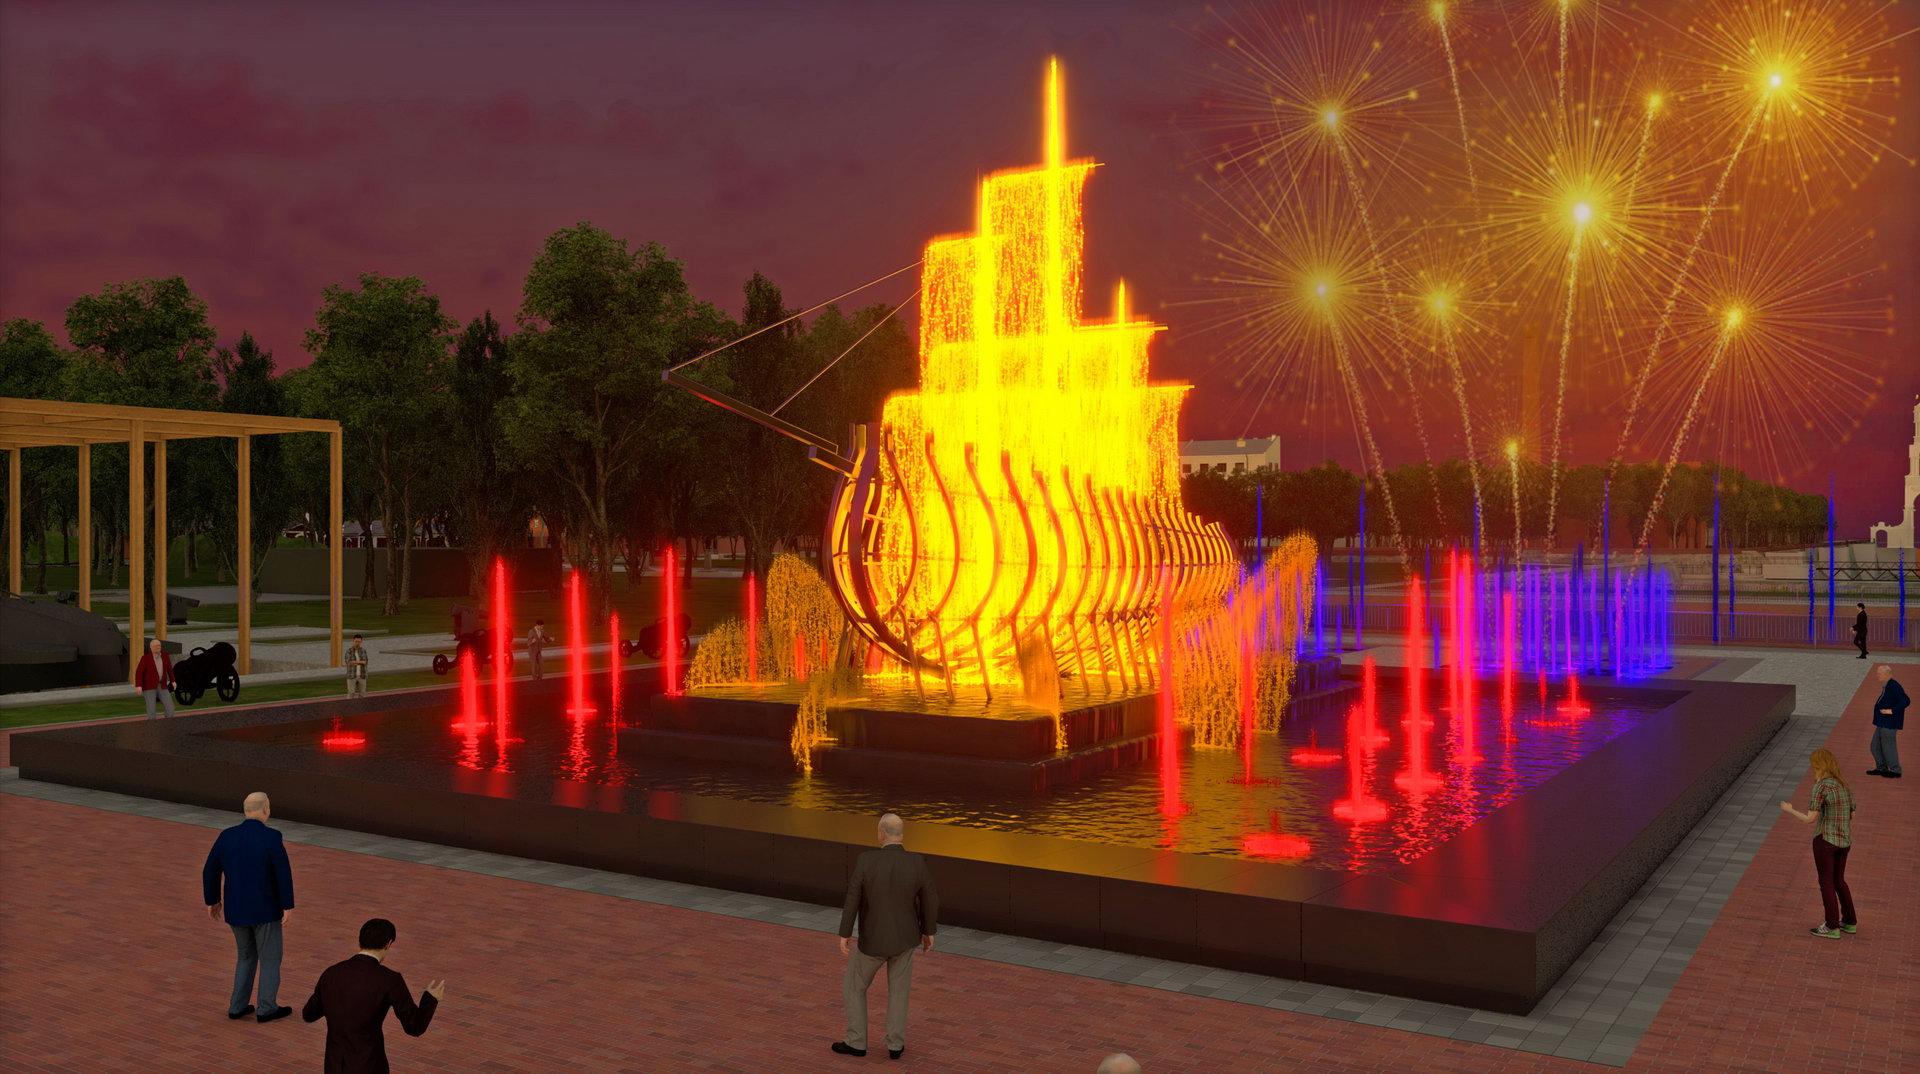 Музыкальный фонтан на территории парка «Патриот» в Кронштадте